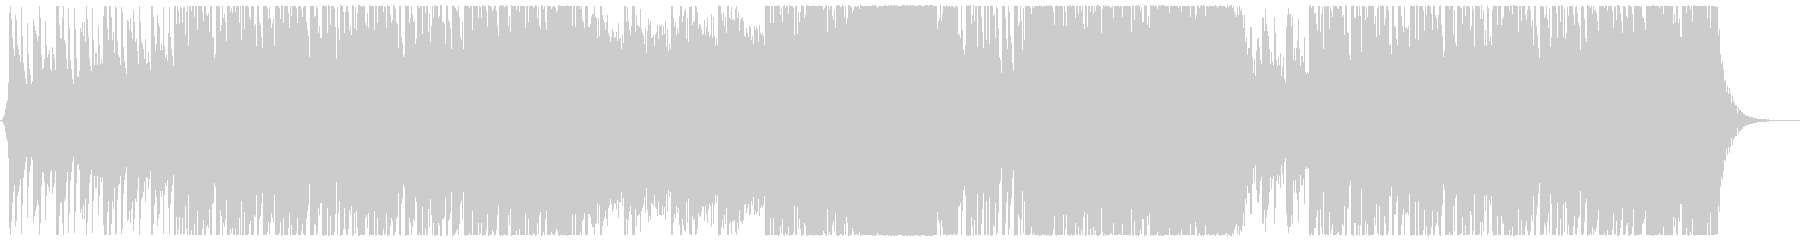 和風ヒップホップ・トラップ系/バトル戦闘の未再生の波形